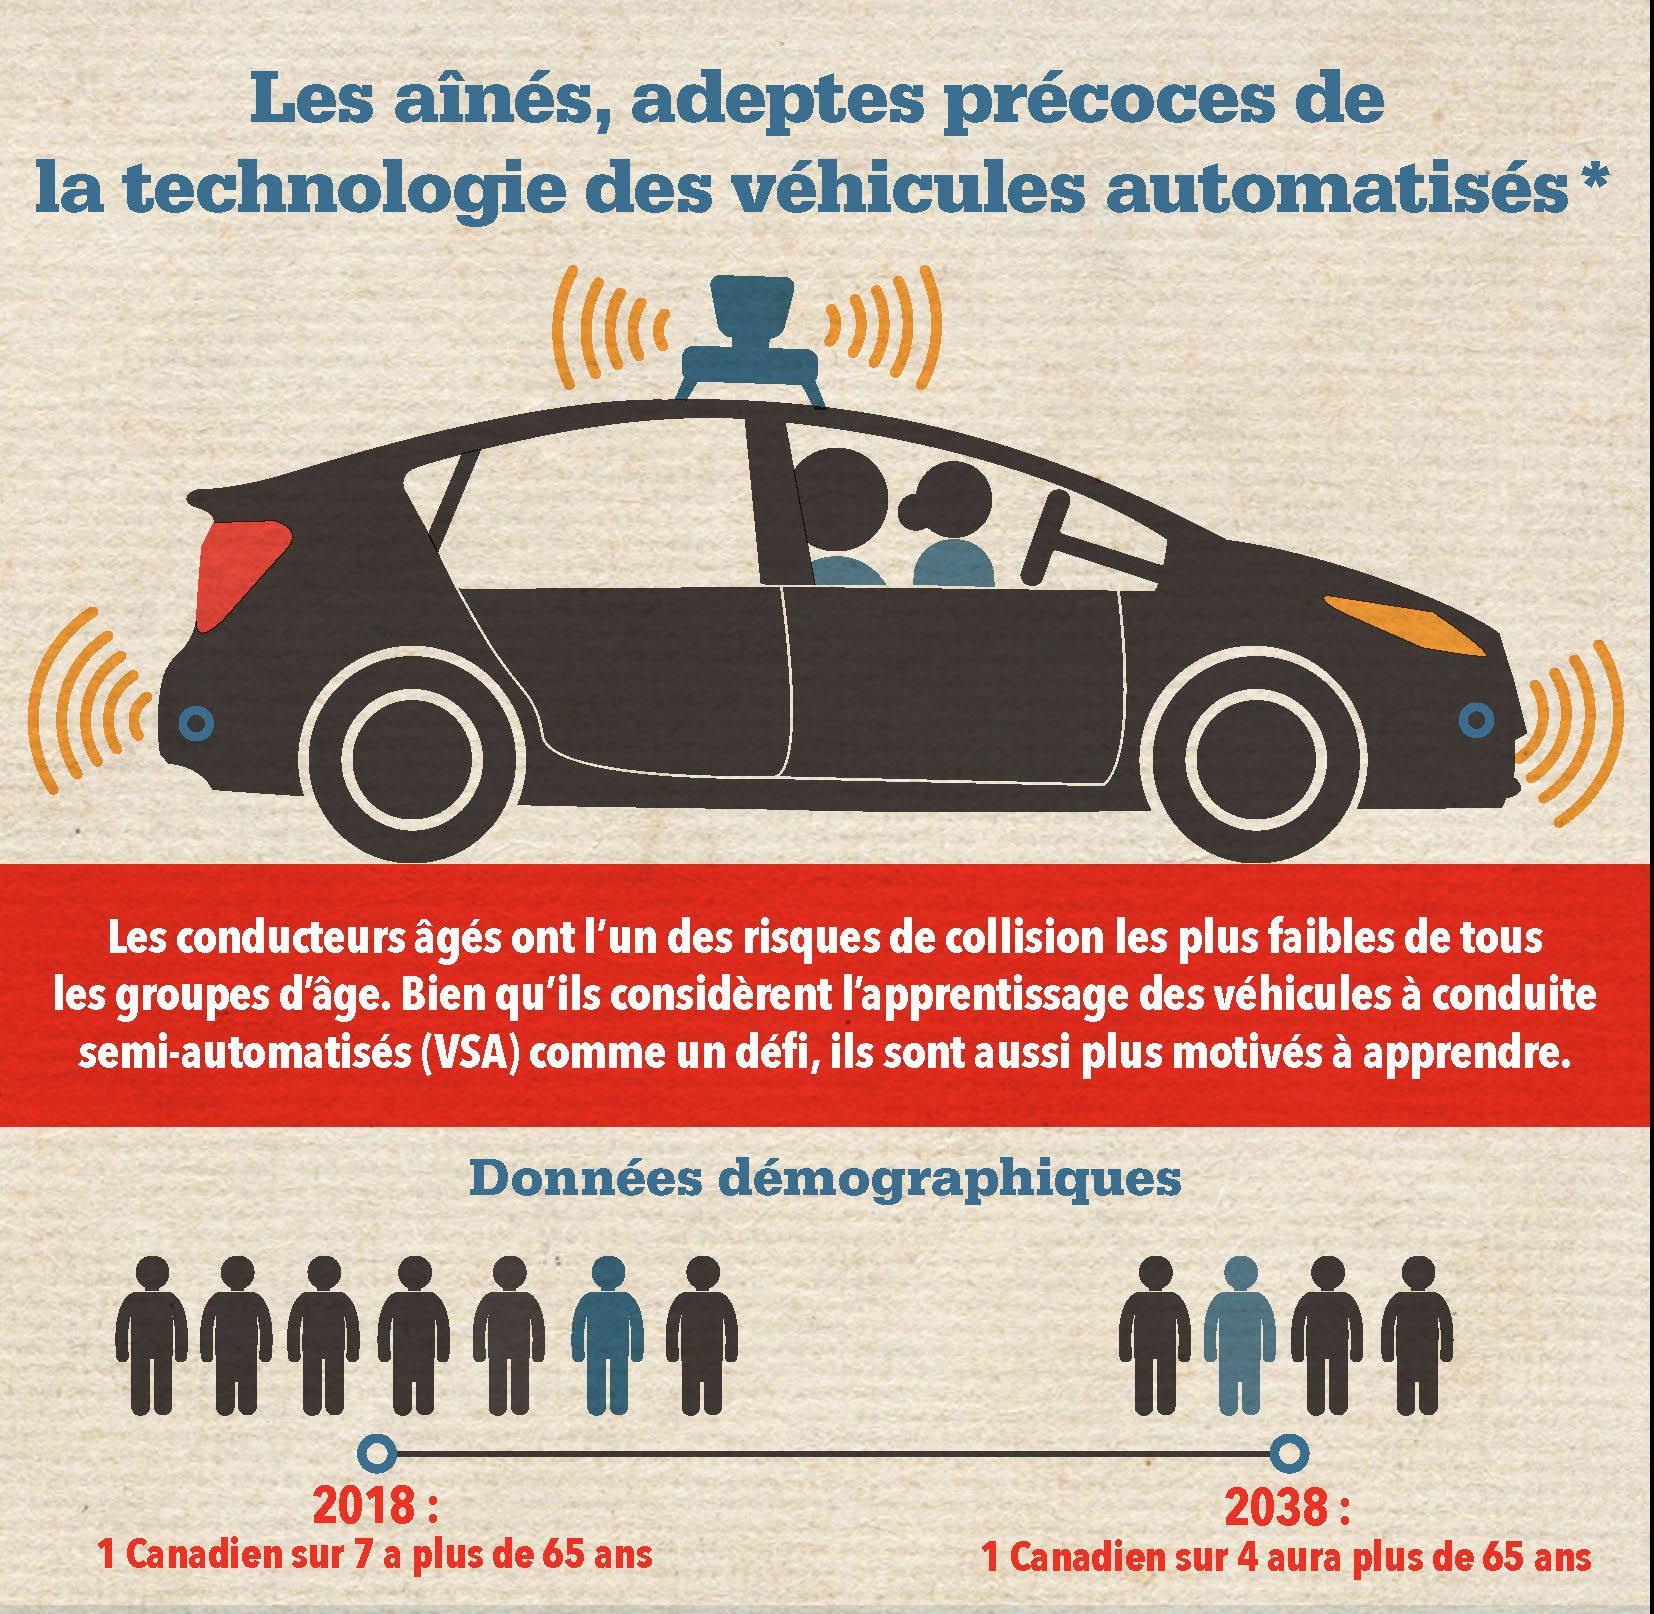 Les aînés, adeptes précoces de la technologie des véhicules automatisés – Infographie